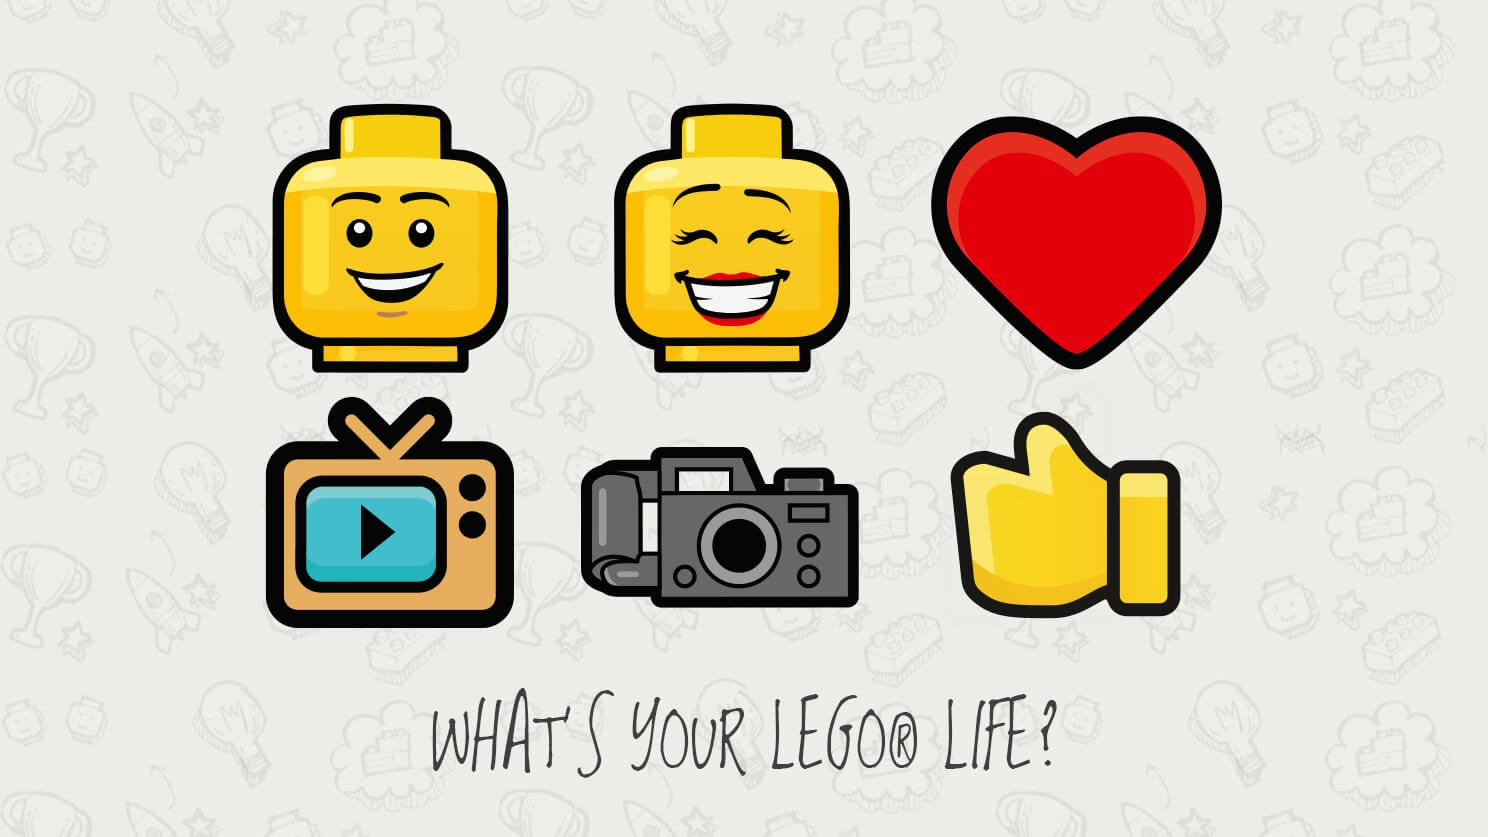 Lego запускает соцсеть для детей поаналогии с Инстаграм